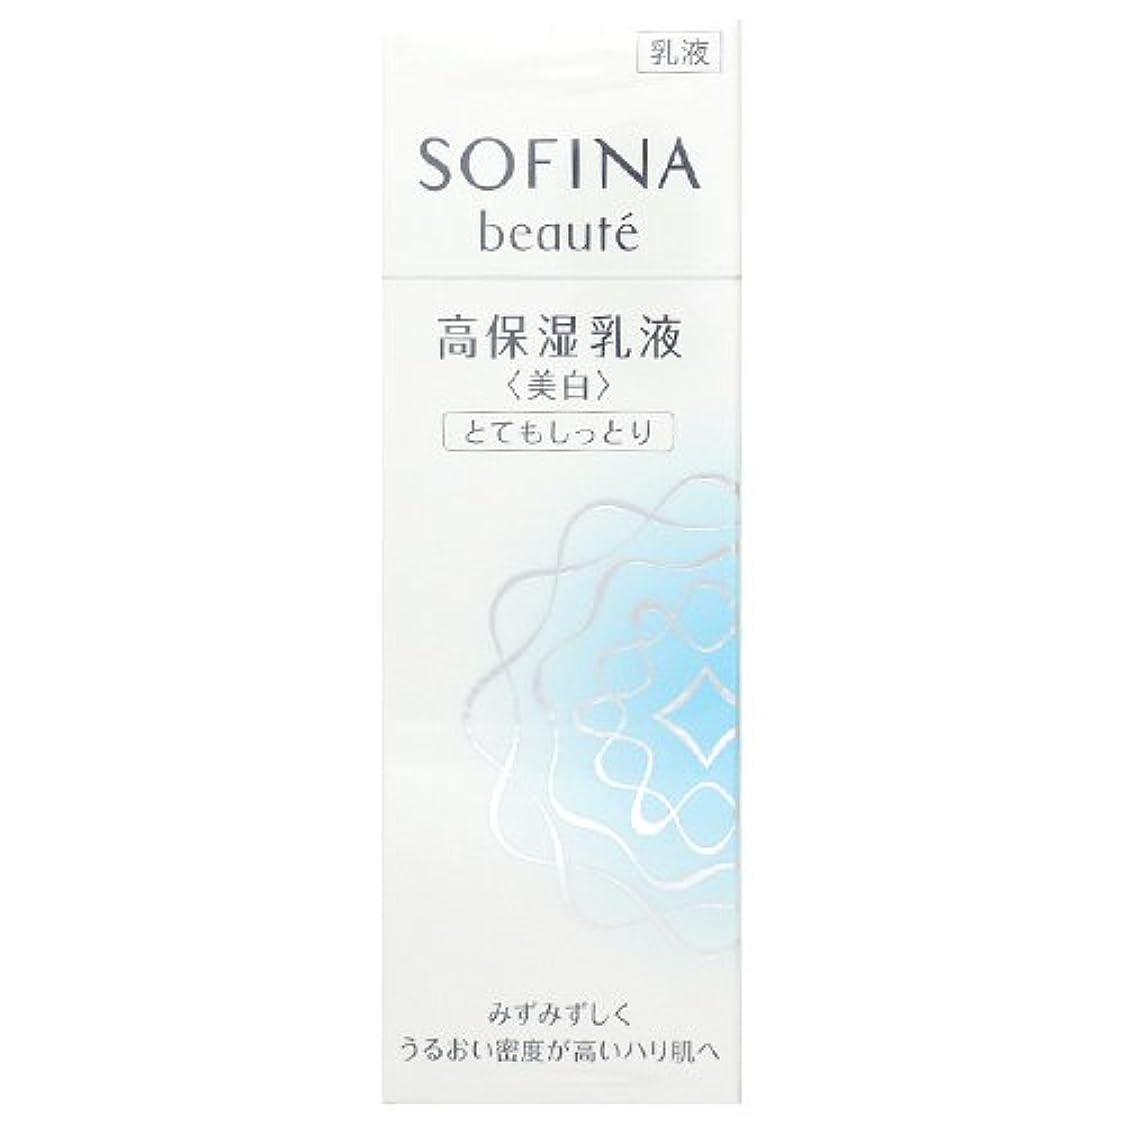 結果交通知らせる花王 ソフィーナ ボーテ 高保湿乳液 美白 とてもしっとり 60g